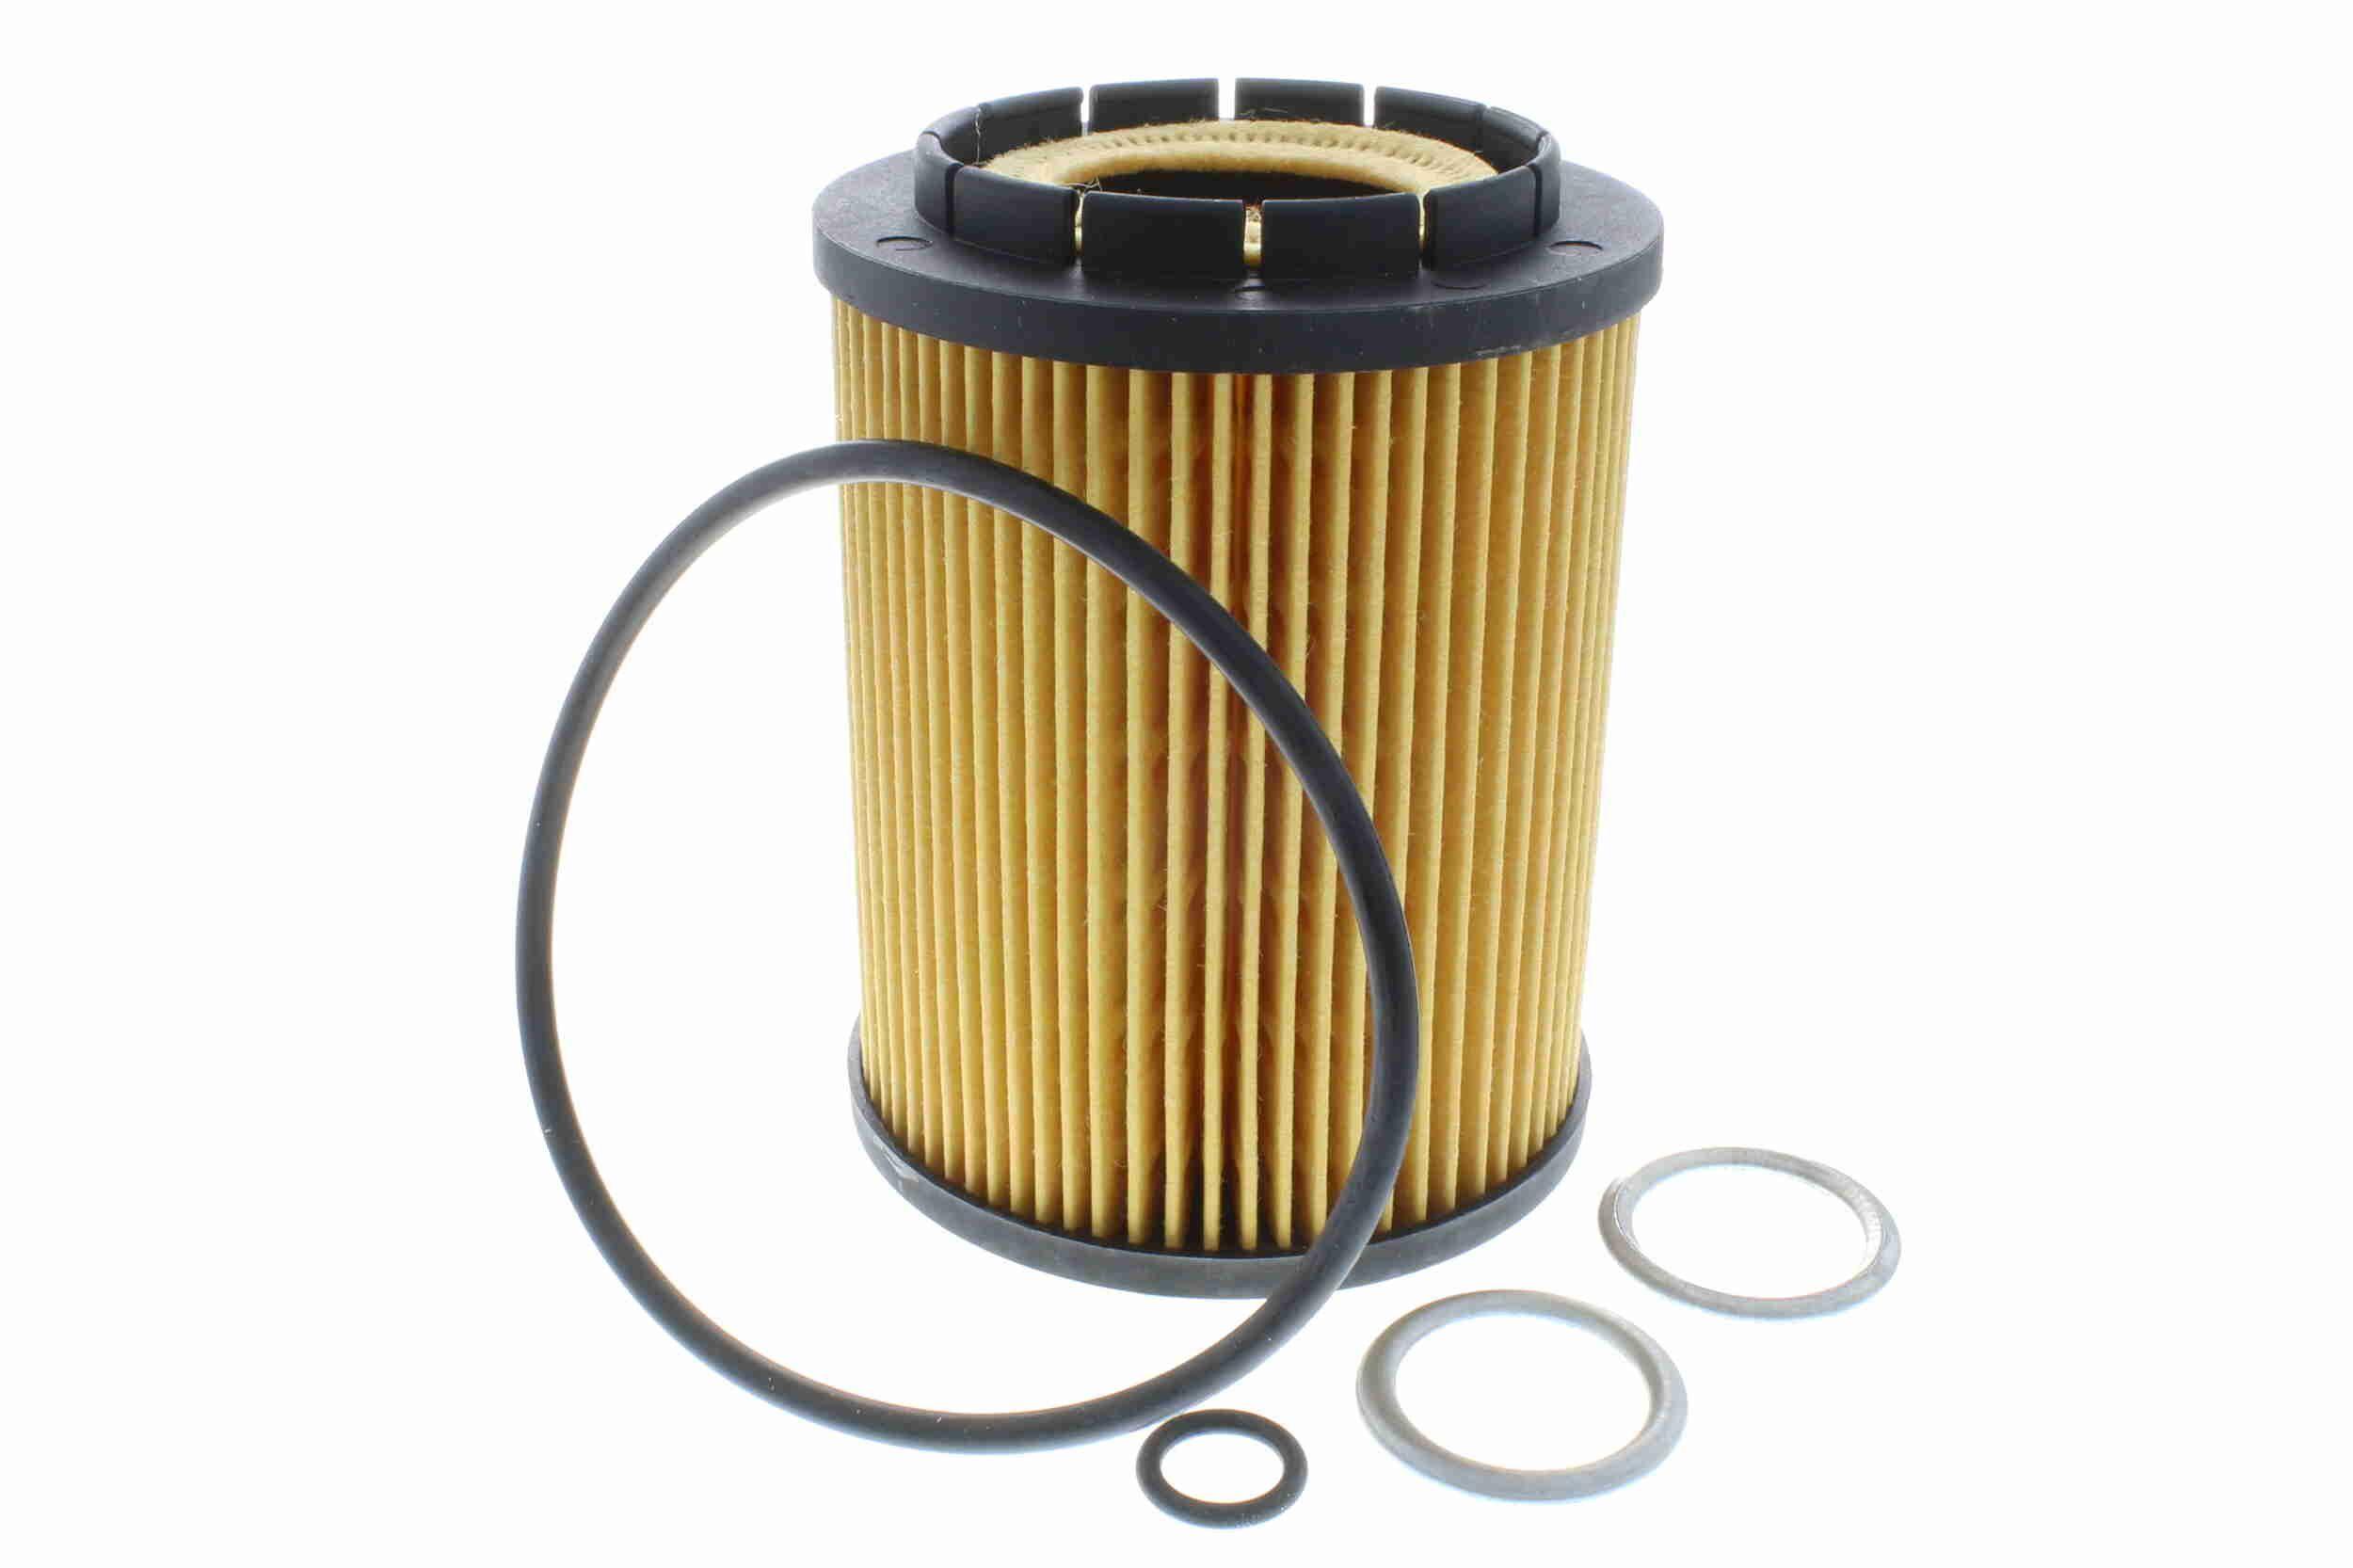 VW Filtre à huile d'Origine V10-9774